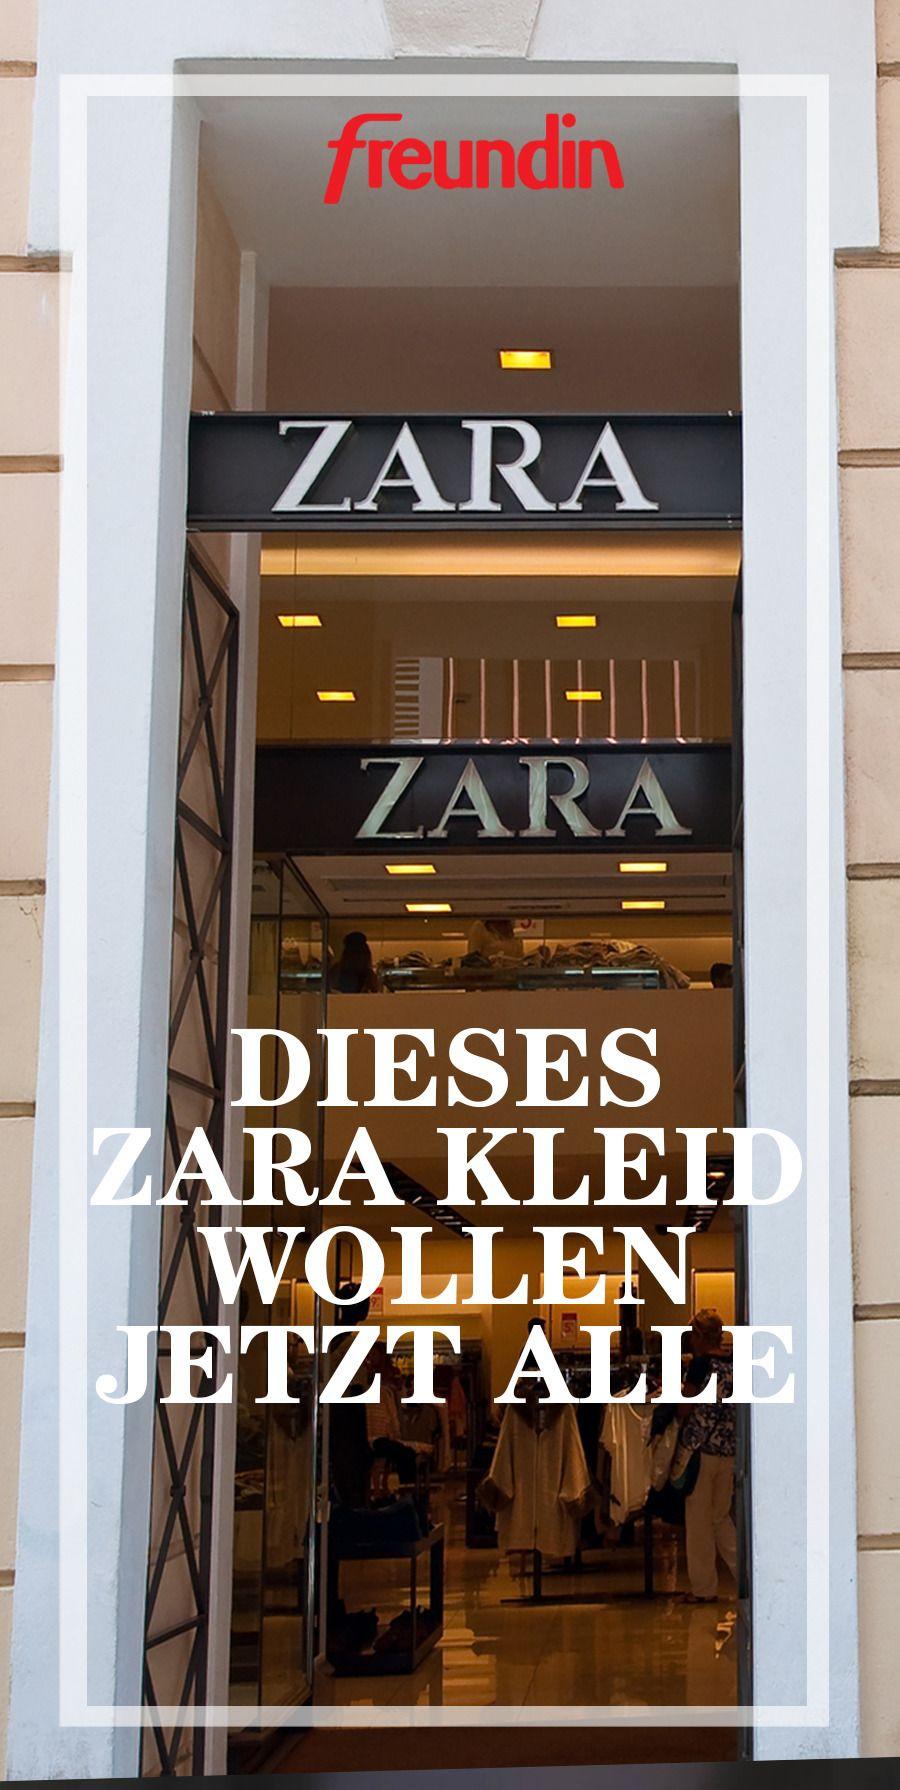 Warum jetzt alle dieses Zara-Kleid haben wollen in 2020 ...